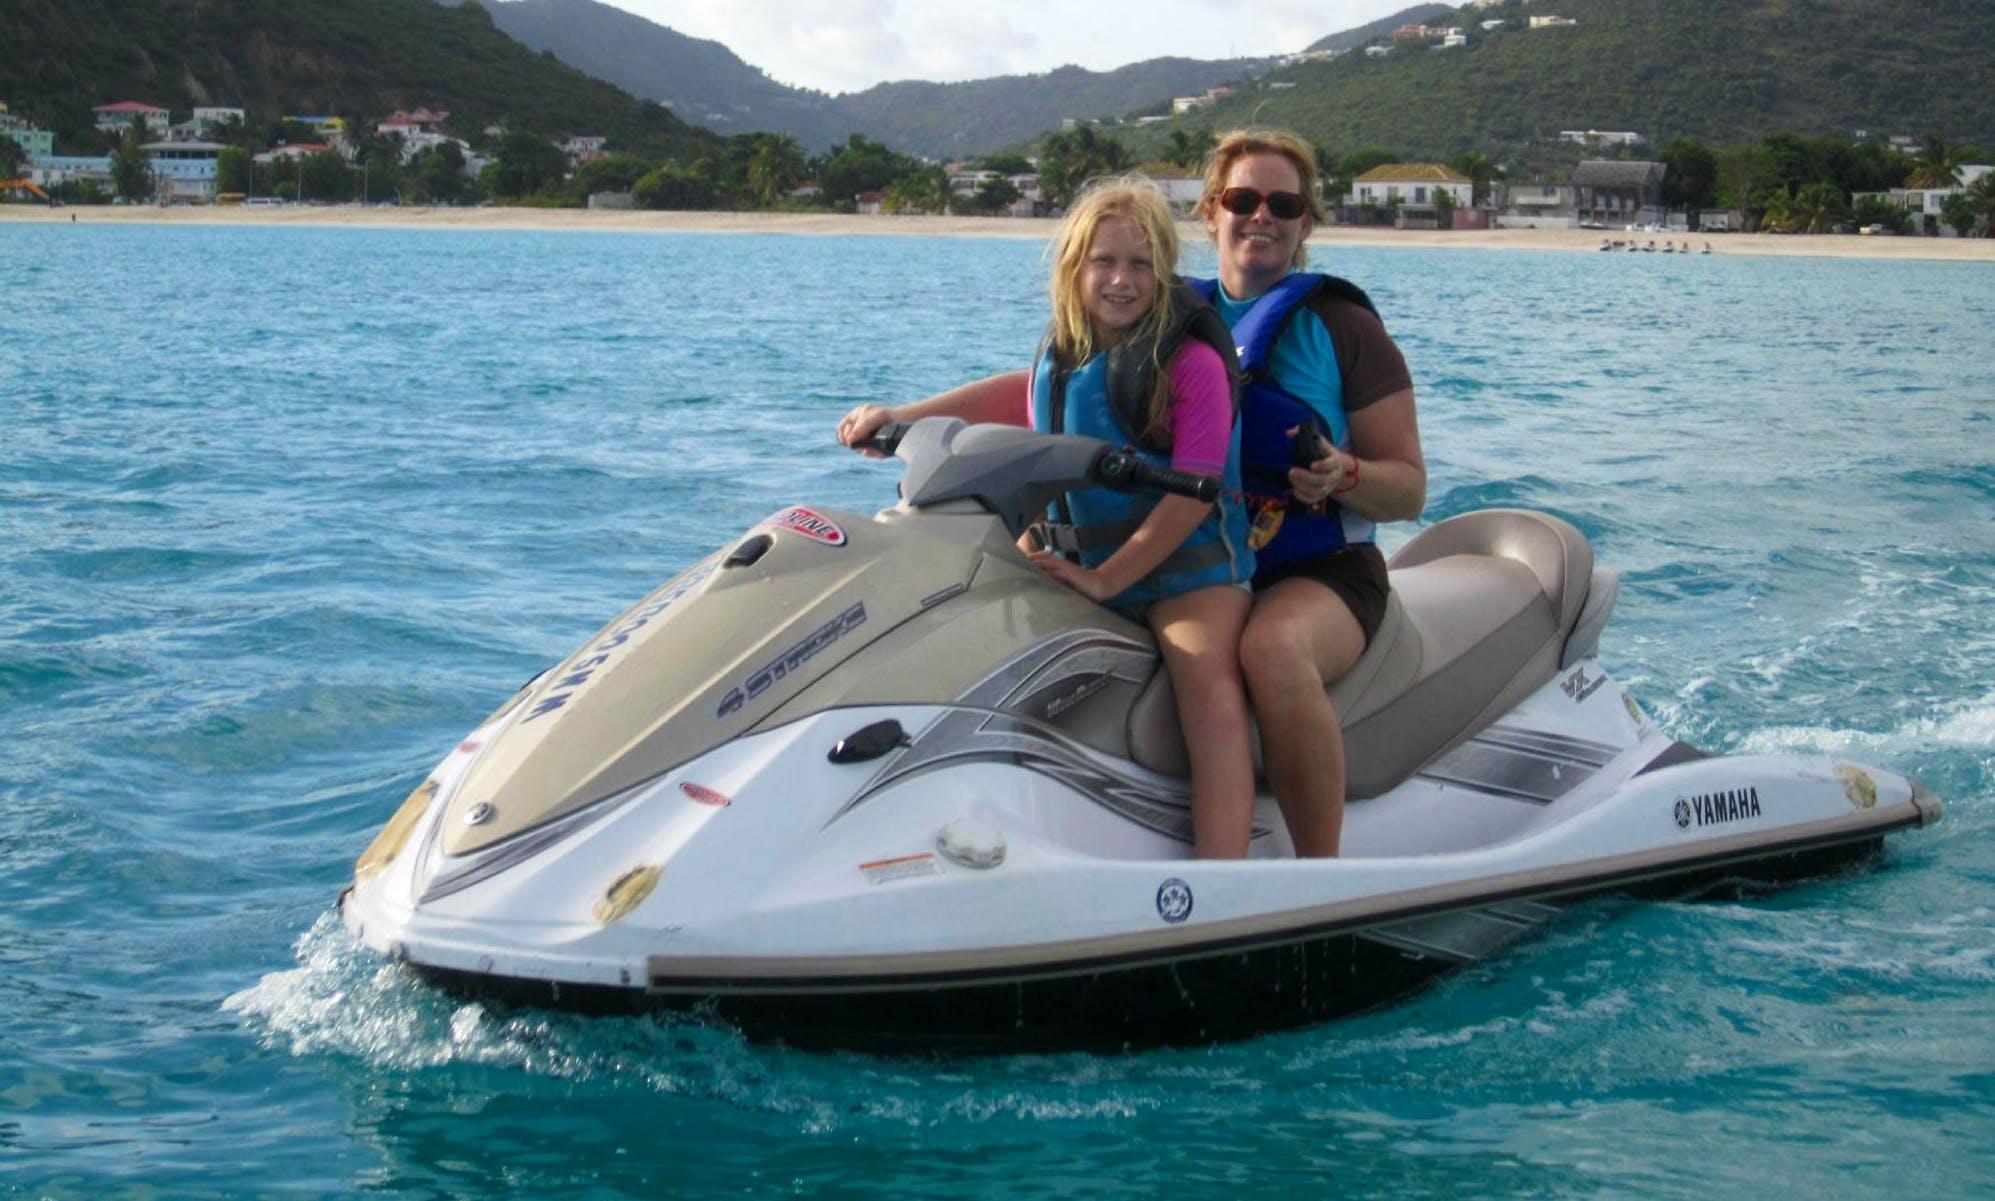 Hit the water with Jet Ski in Philipsburg, Sint Maarten